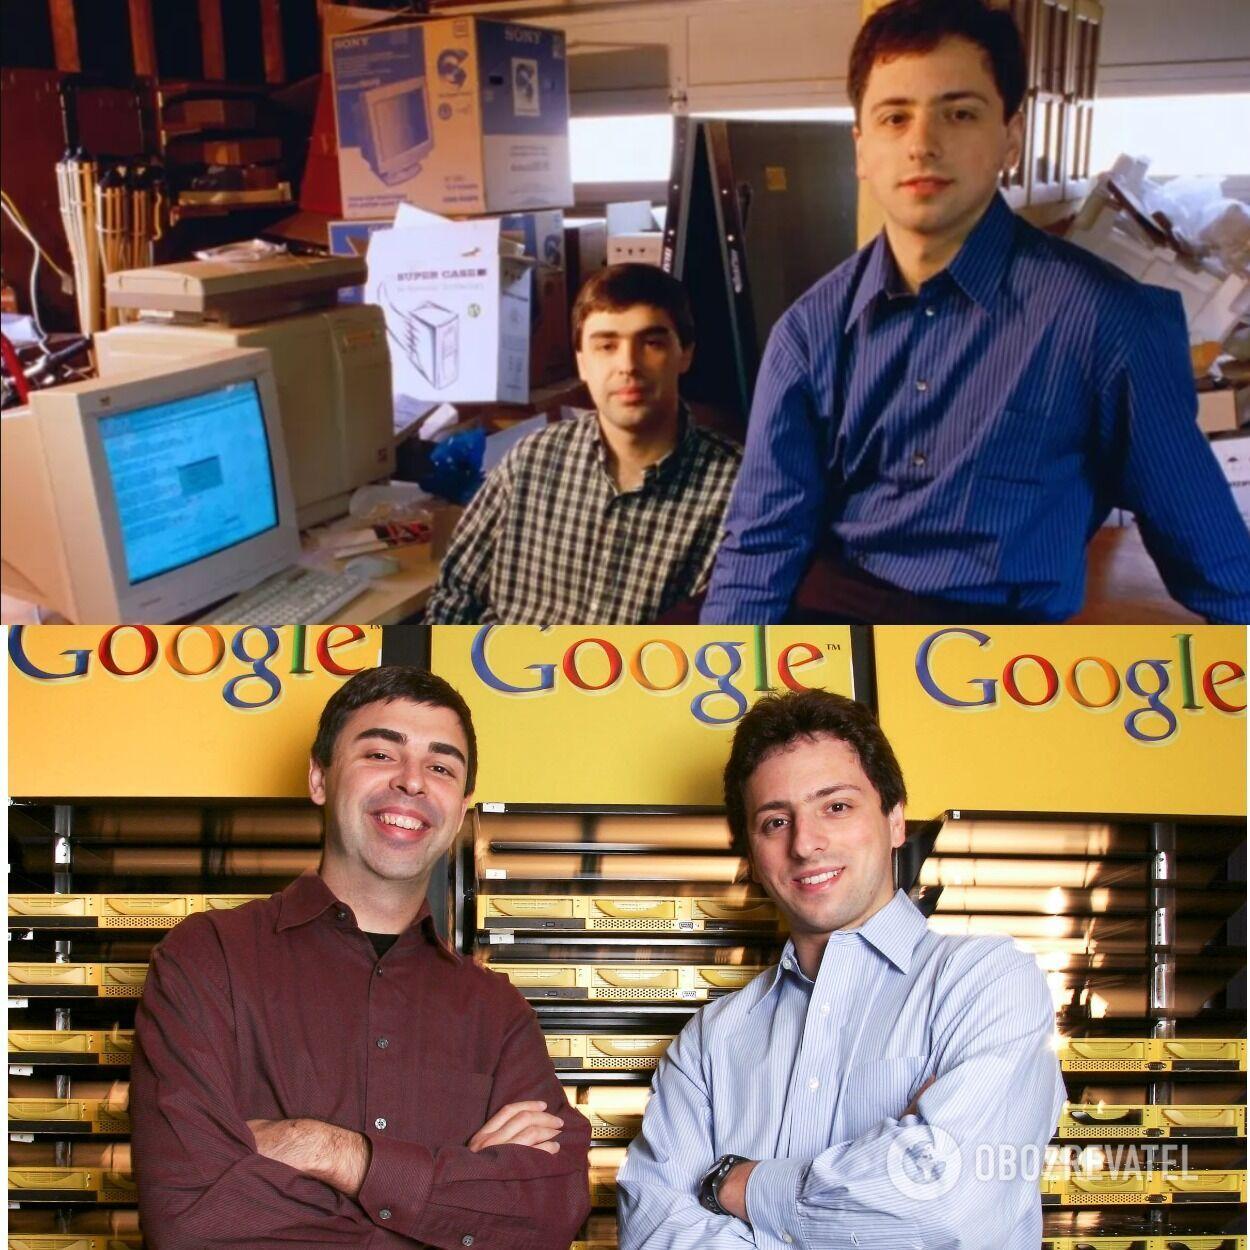 Ларрі Пейдж і Сергій Брін придумали Google в каліфорнійському гаражі в 1998 році.